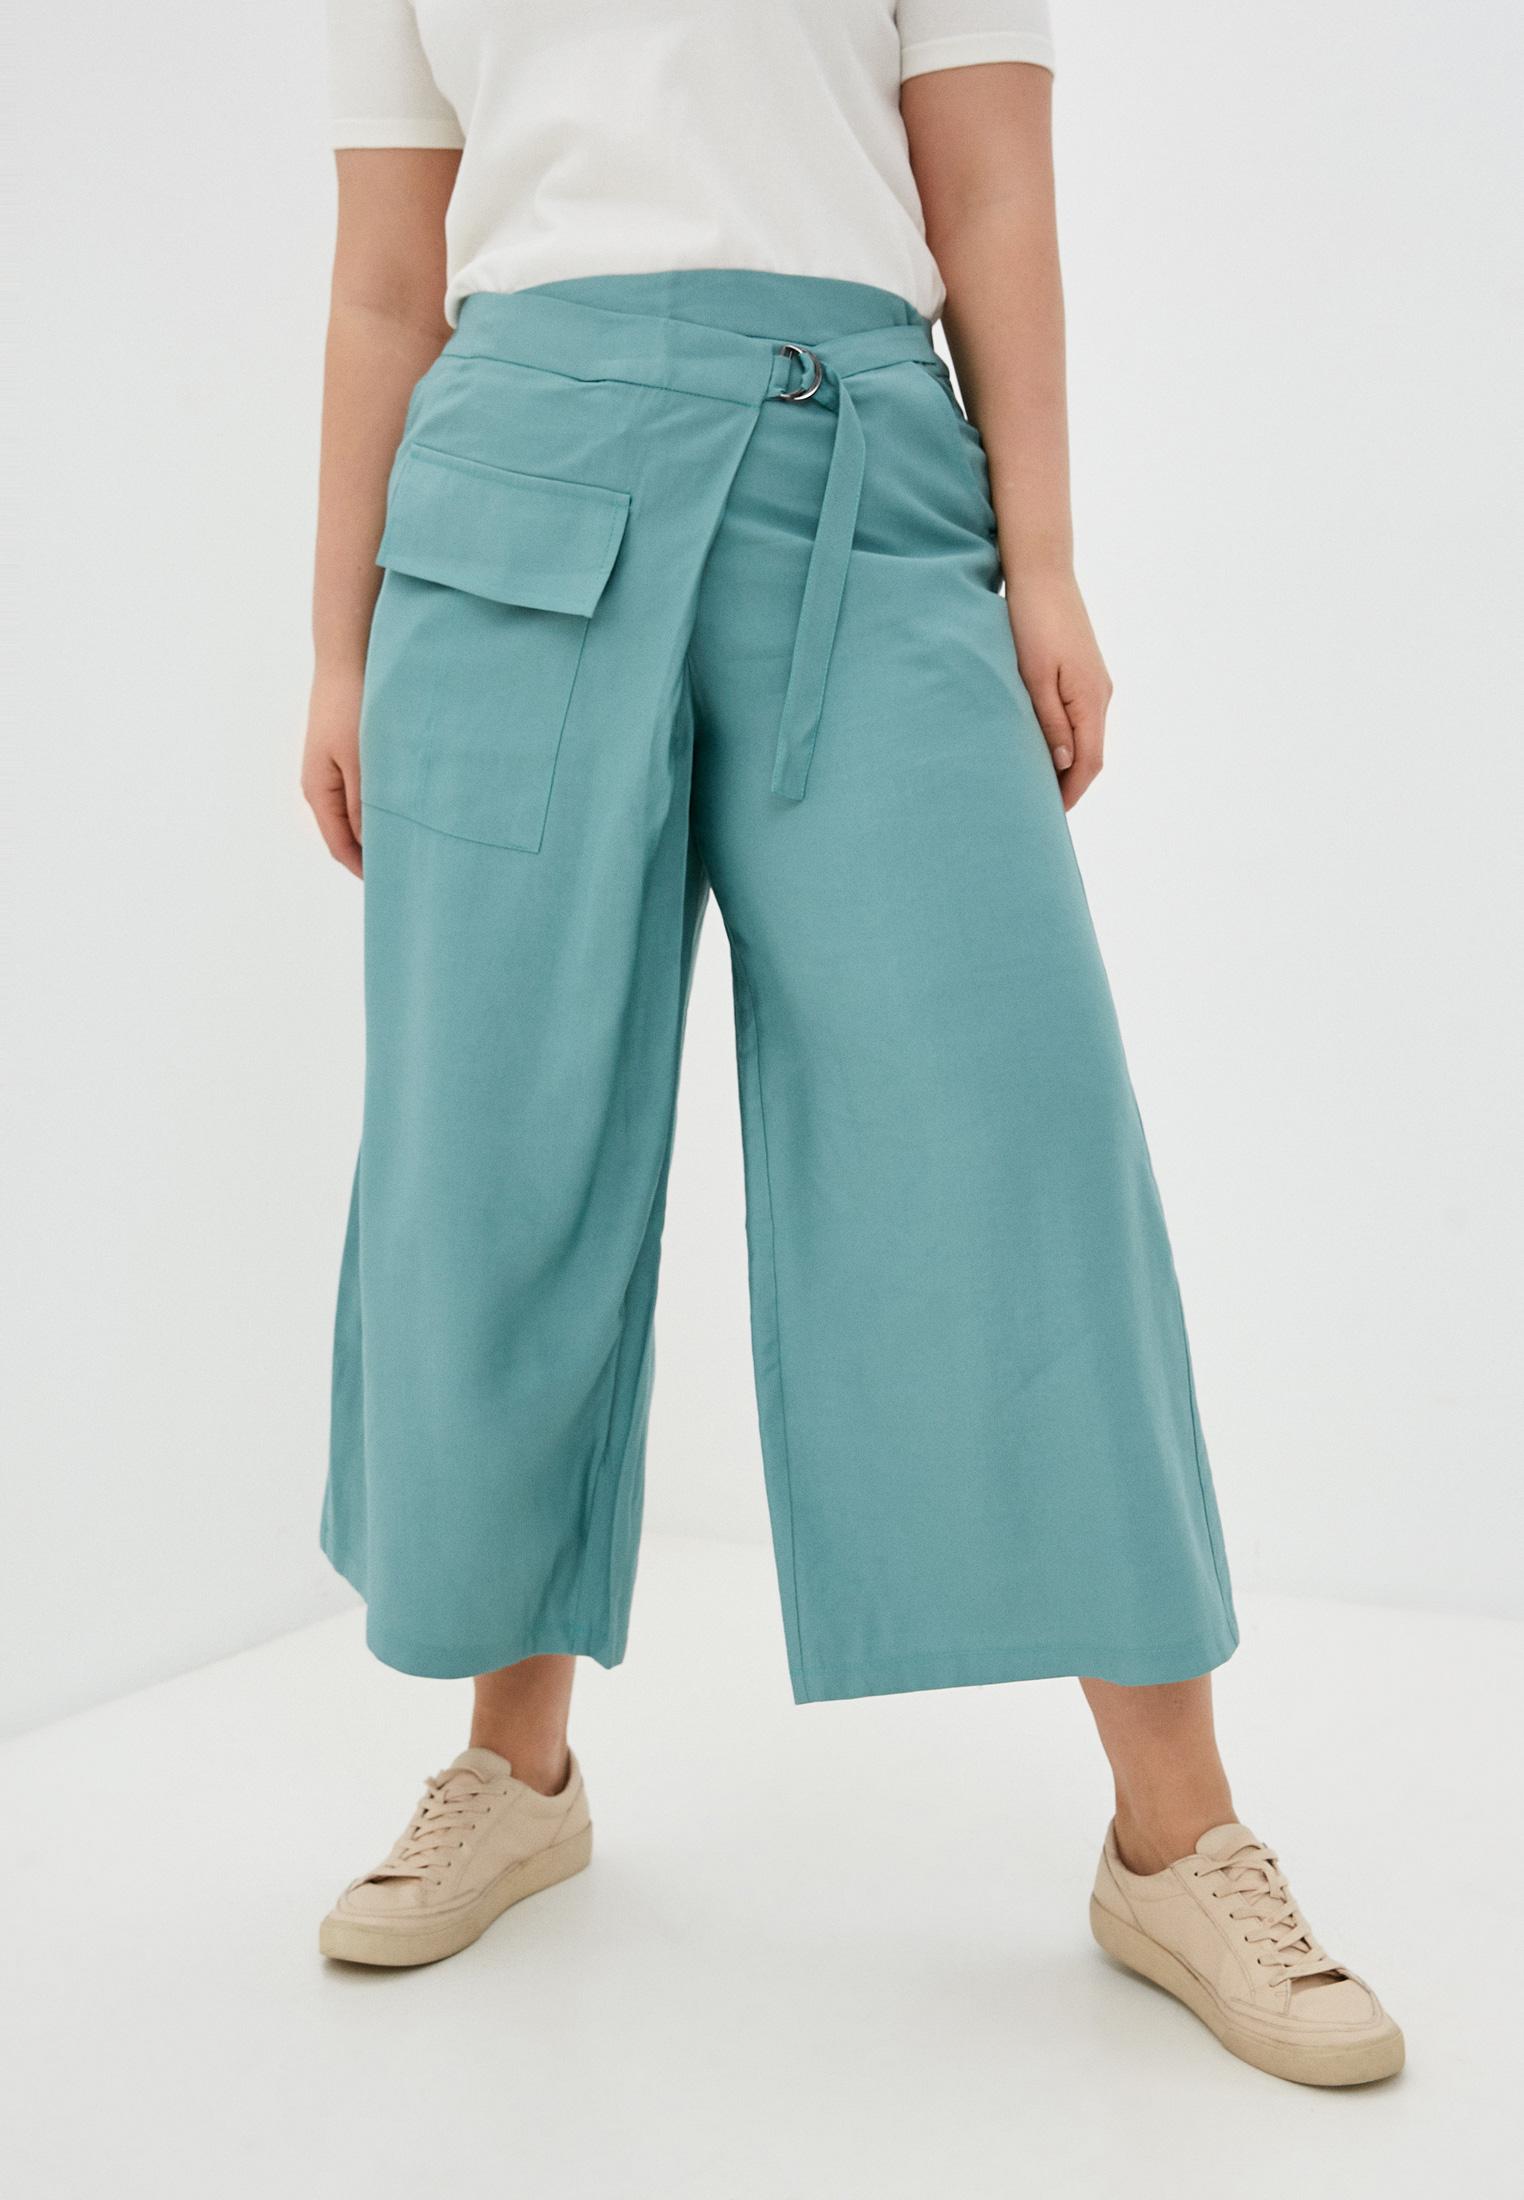 Женские широкие и расклешенные брюки Nataliy Beate Брюки Nataliy Beate